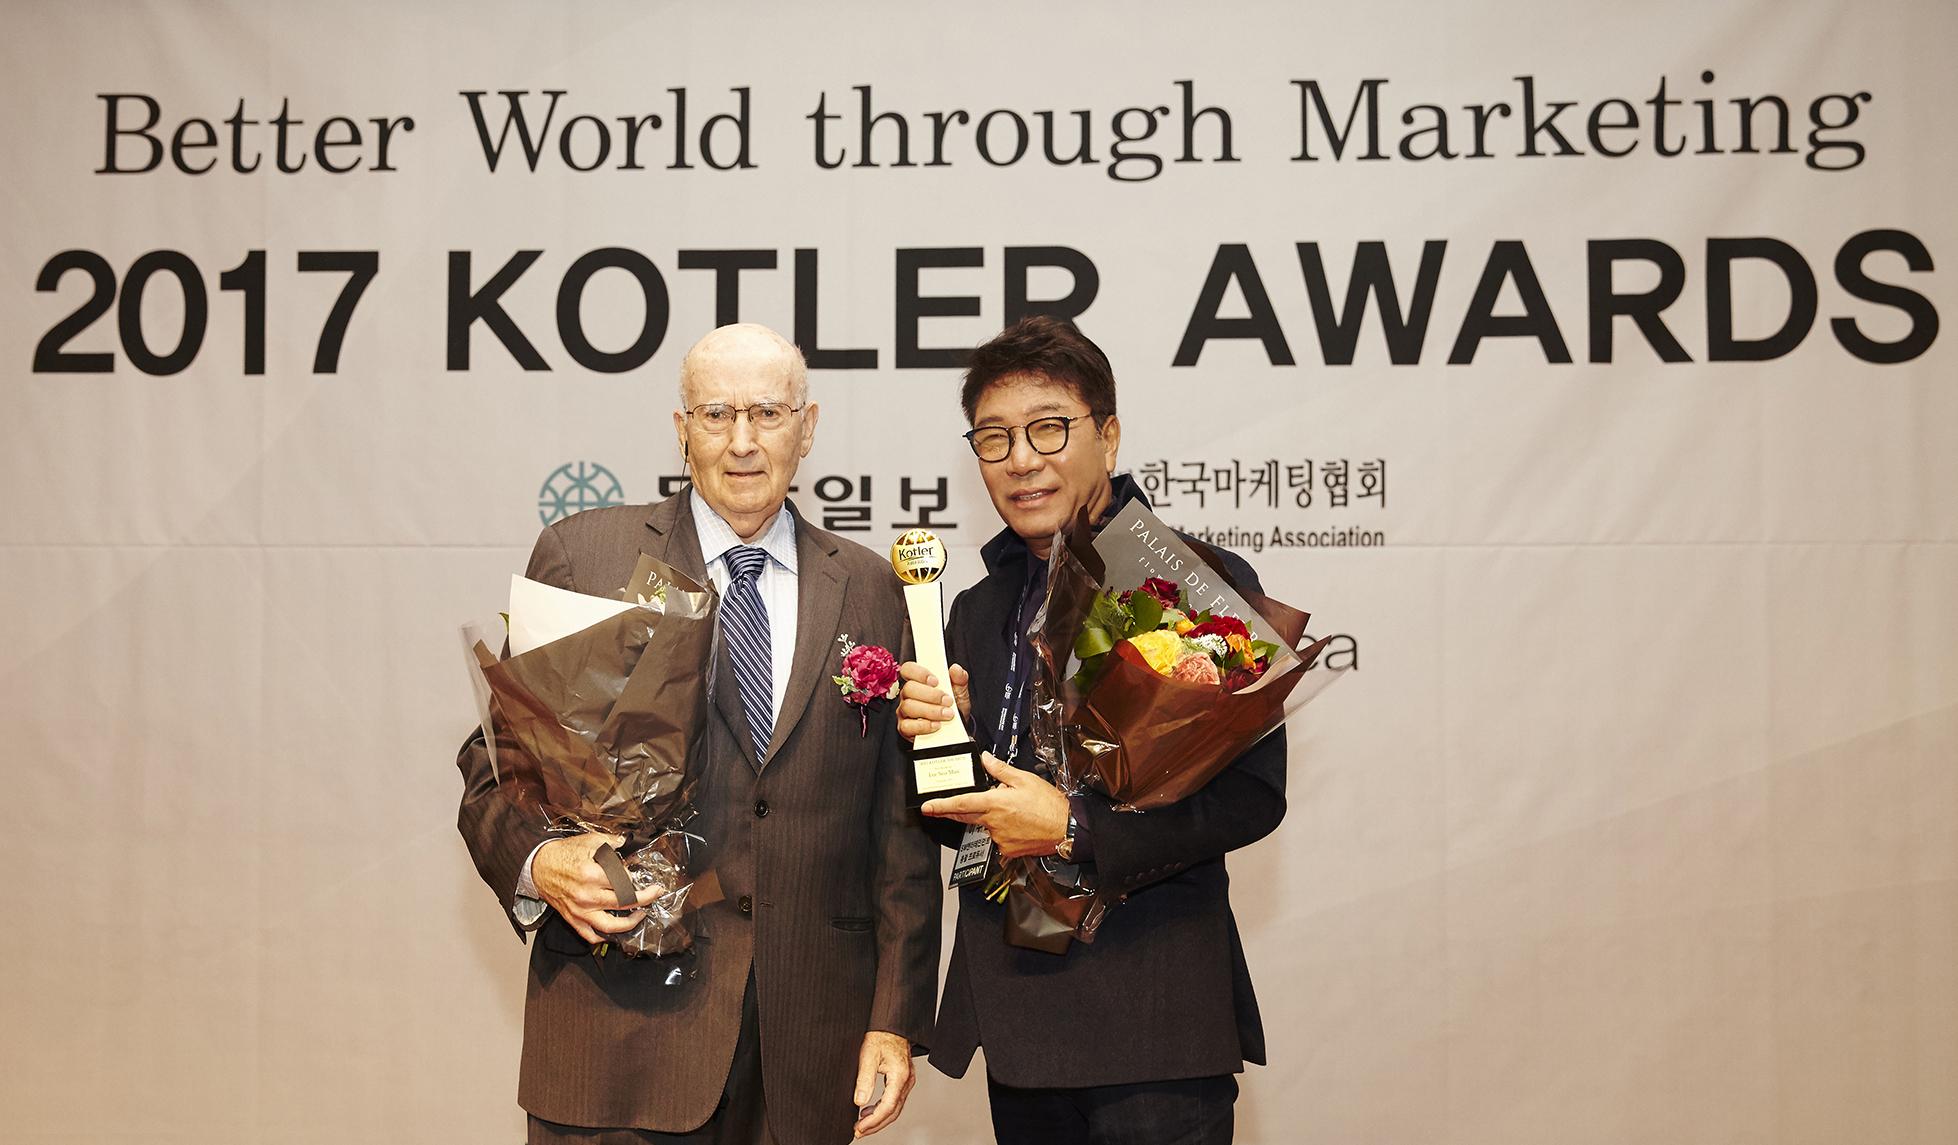 """SM总制作人李秀满 被2017 Kotler Awards授予""""最佳经营者奖"""""""